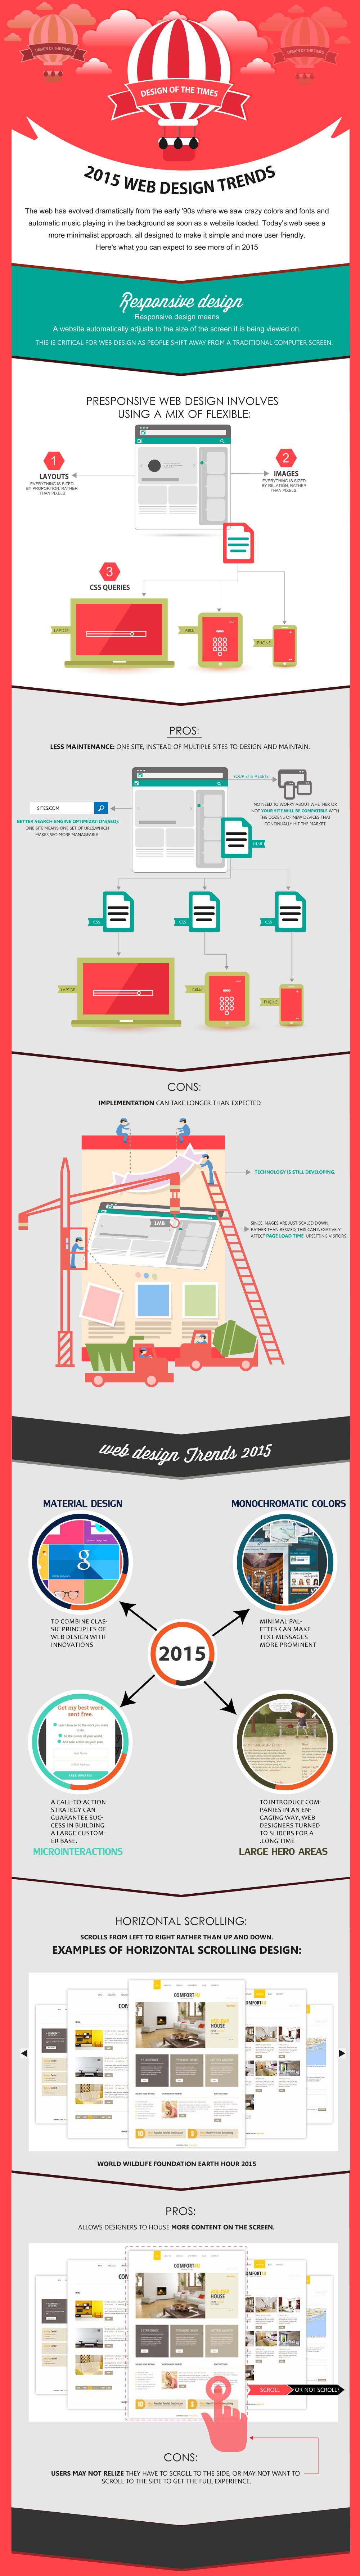 web design trend 2015